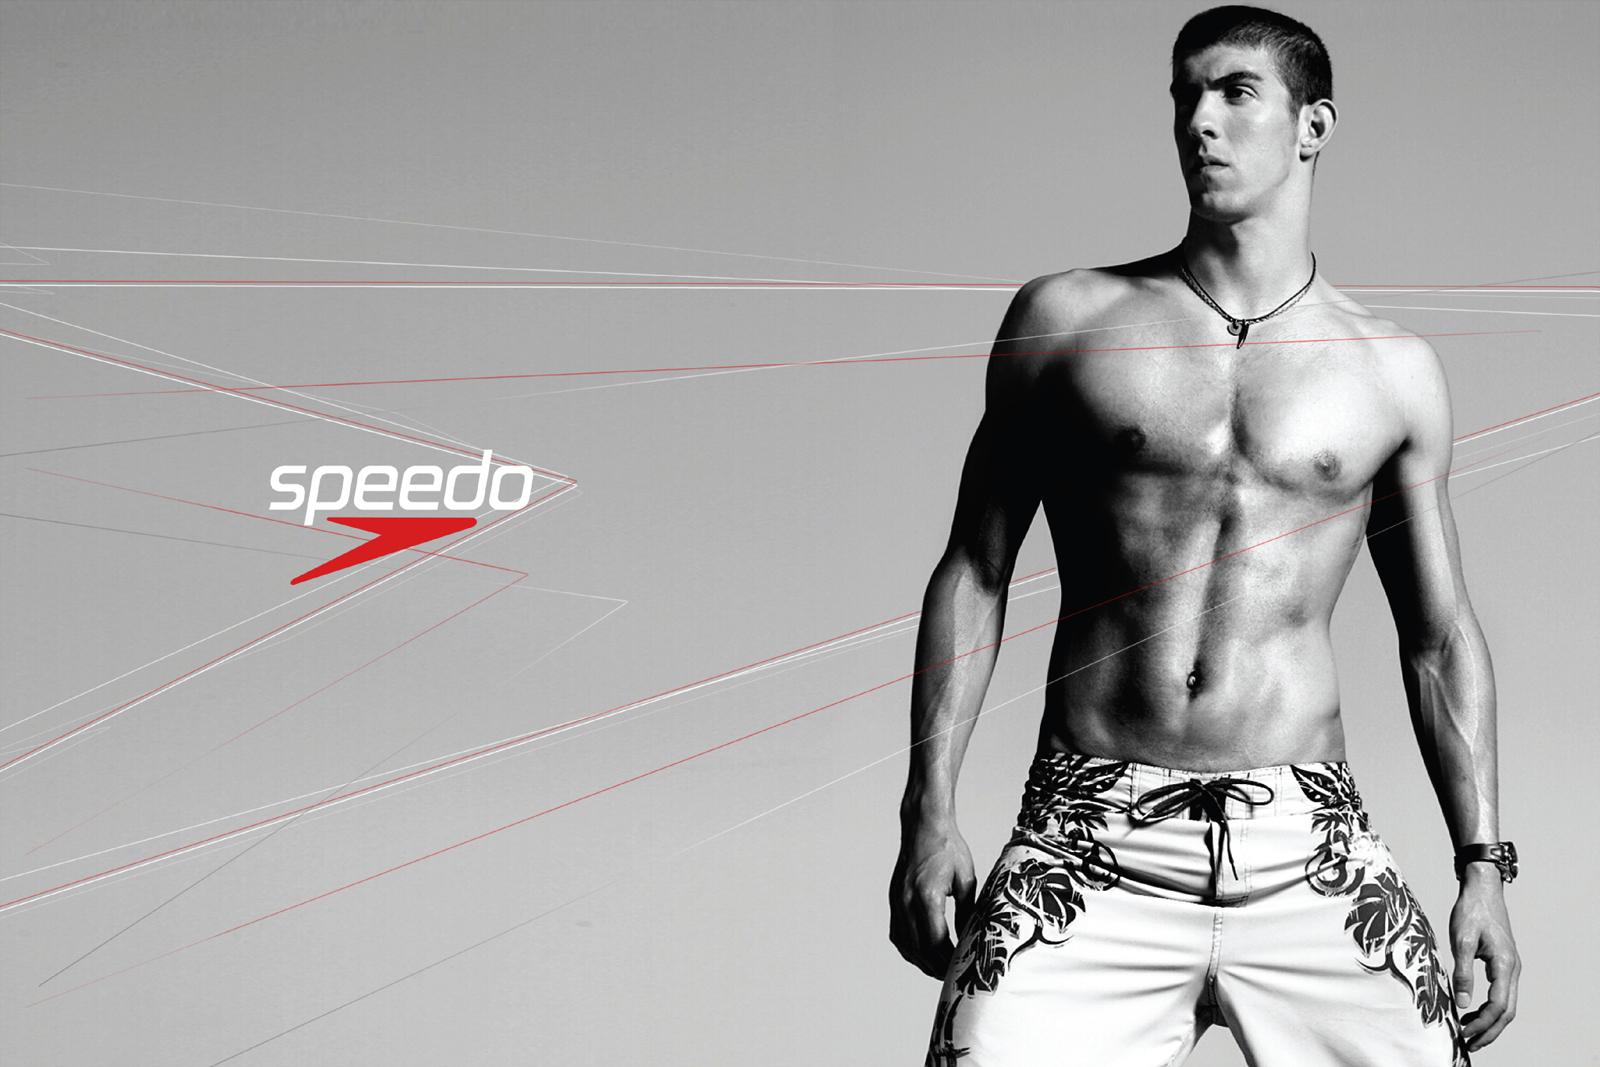 speedo: michael phelps: print/ooh 2007